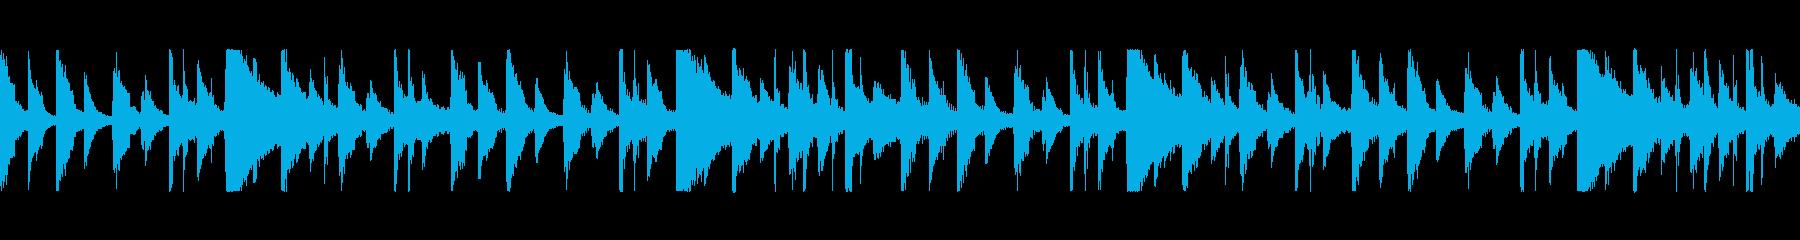 のんびり・民族楽器とドラムのループの再生済みの波形